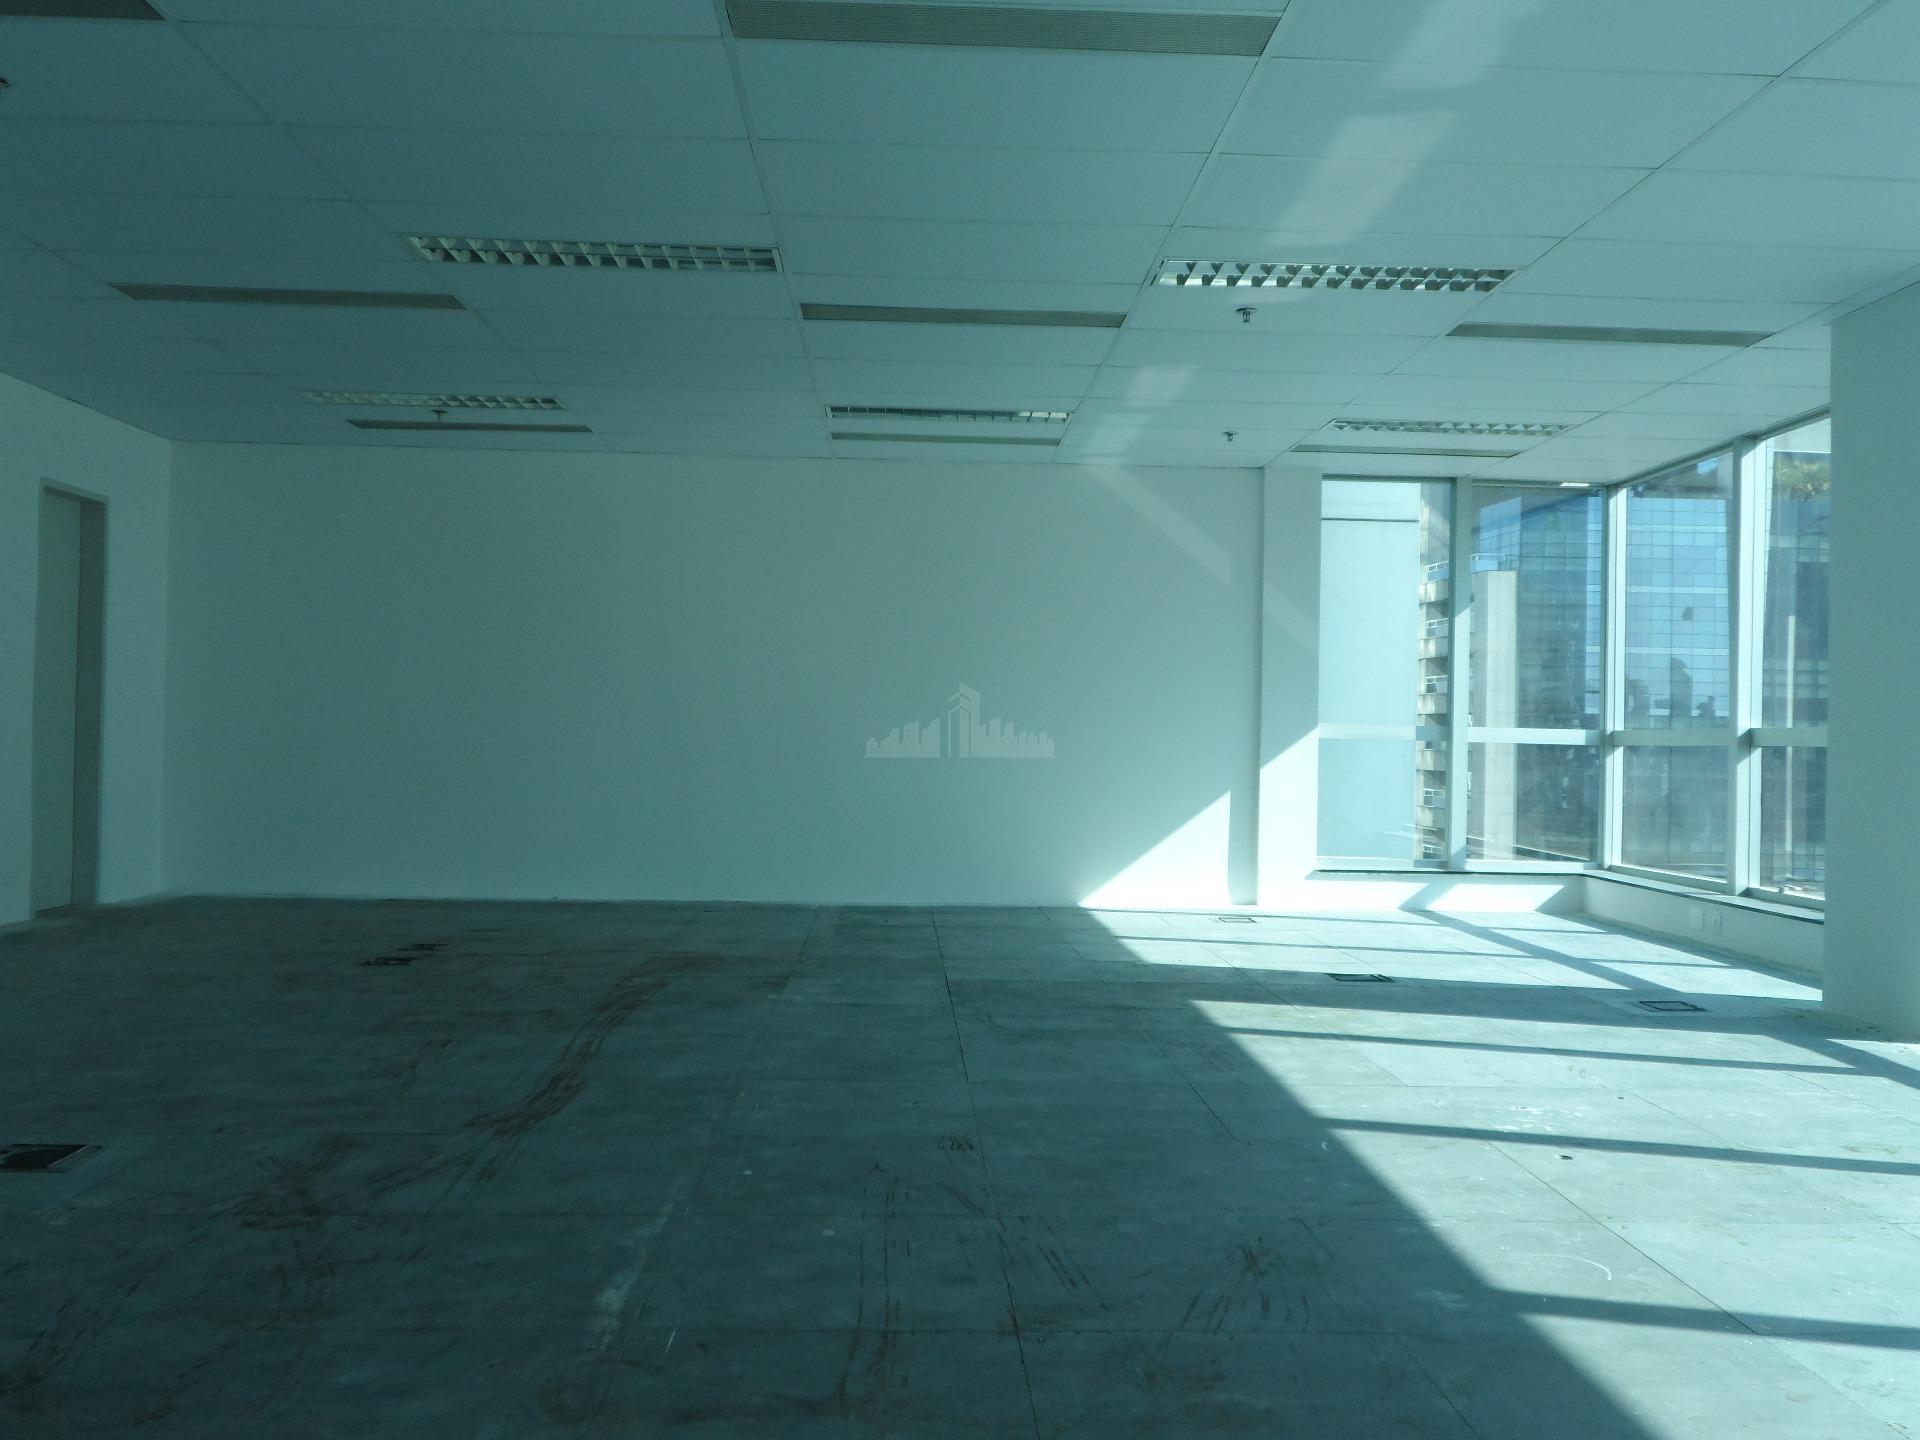 sala comercial na vila olímpia prédio imponente com ótima imagem corporativa. 106,00m² de área útil, em...